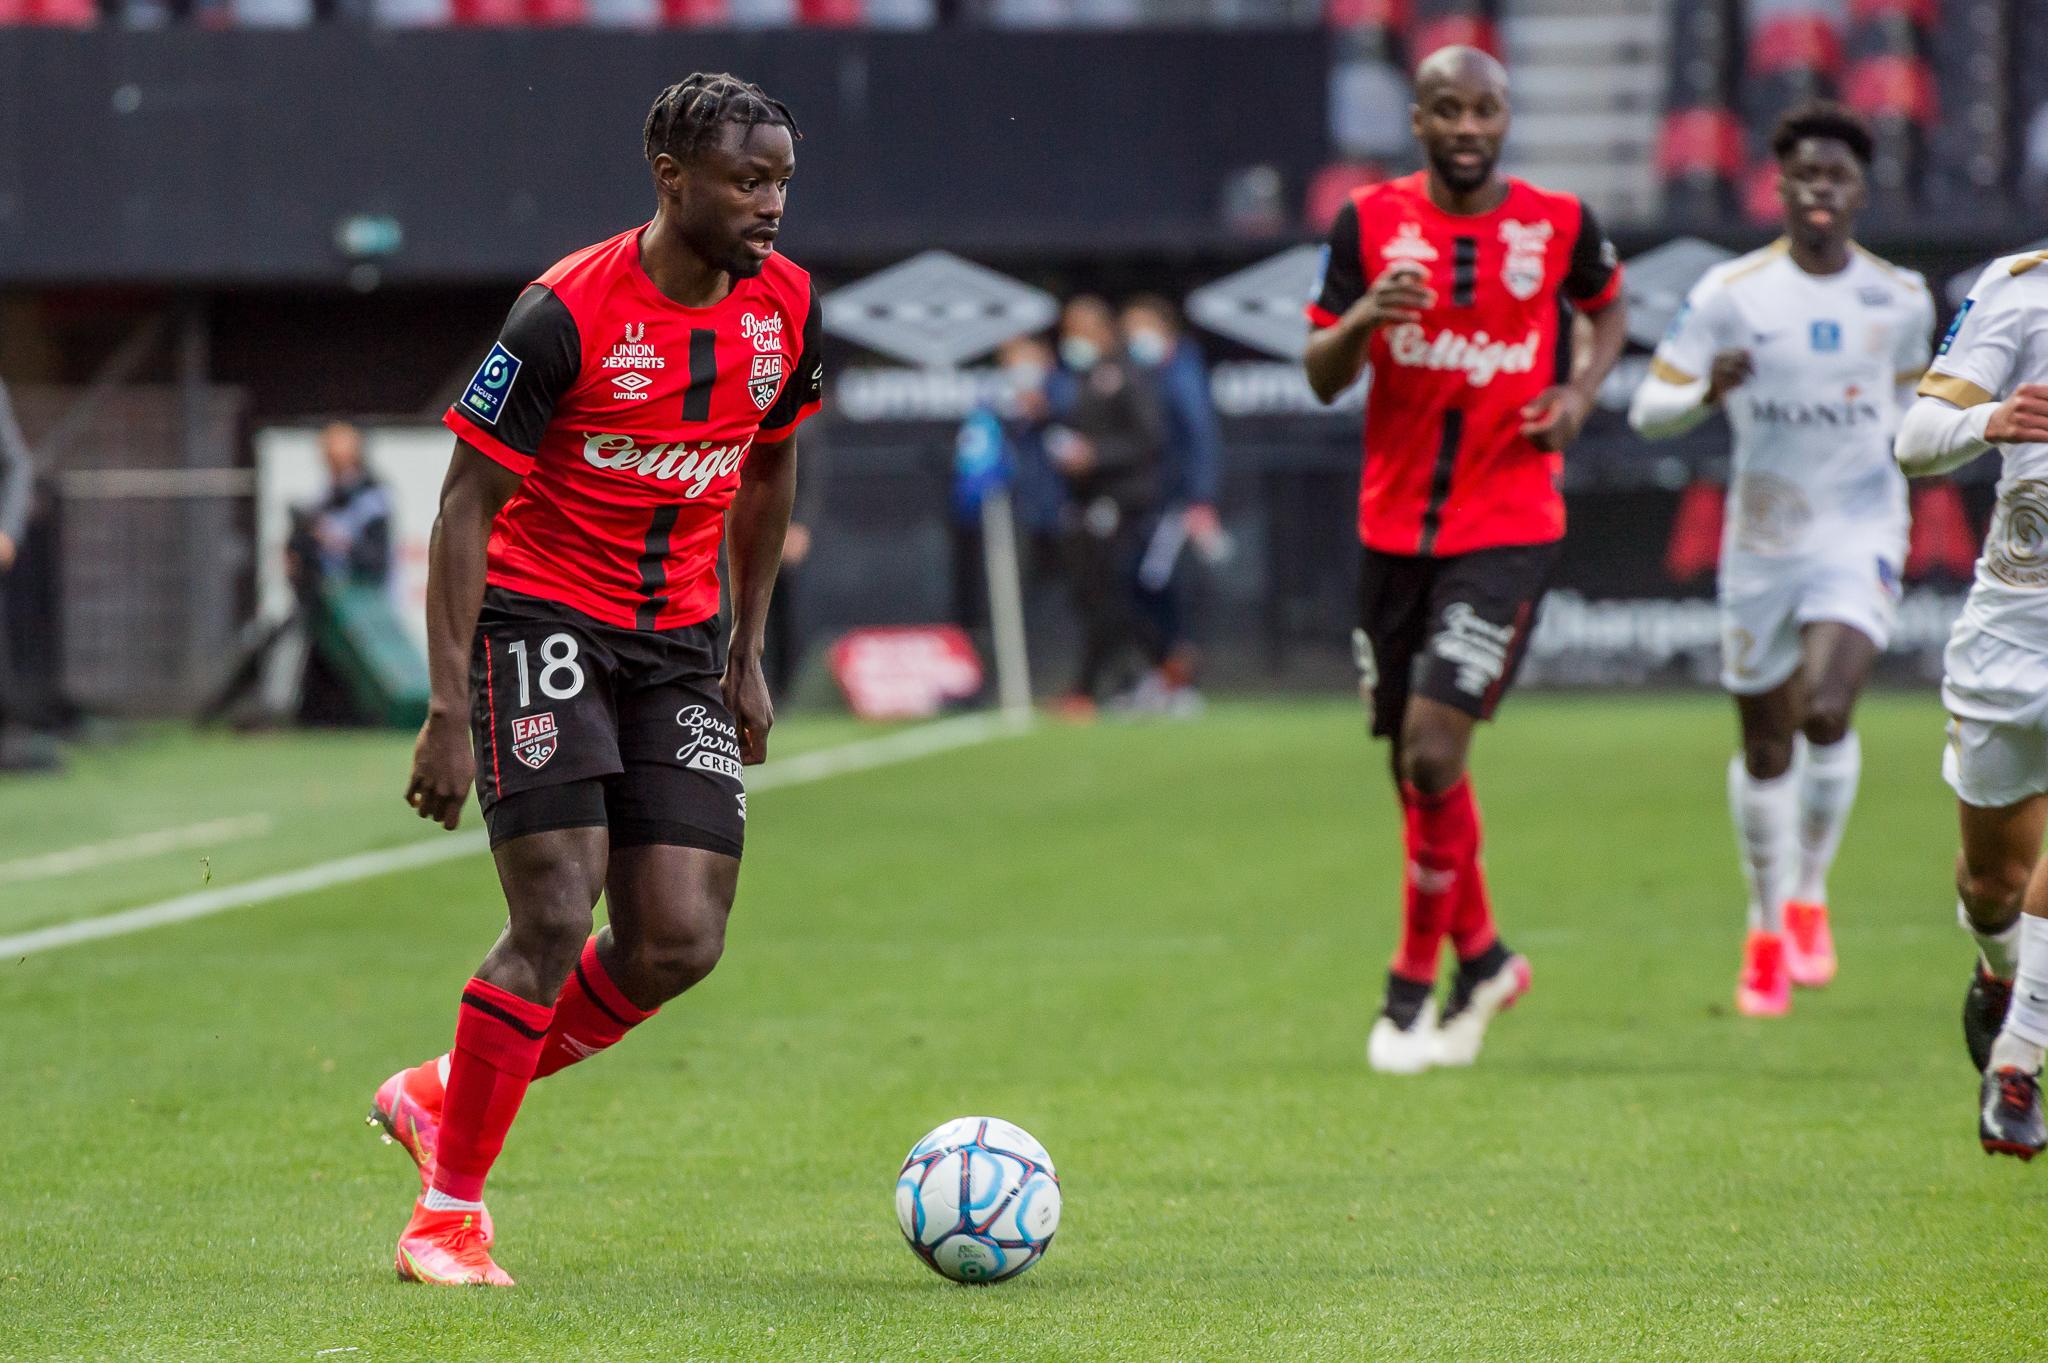 EA Guingamp La Berrichonne Châteauroux J37 Ligue 2 BKT EAGLBC 2-0 Stade de Roudourou FRA_5699